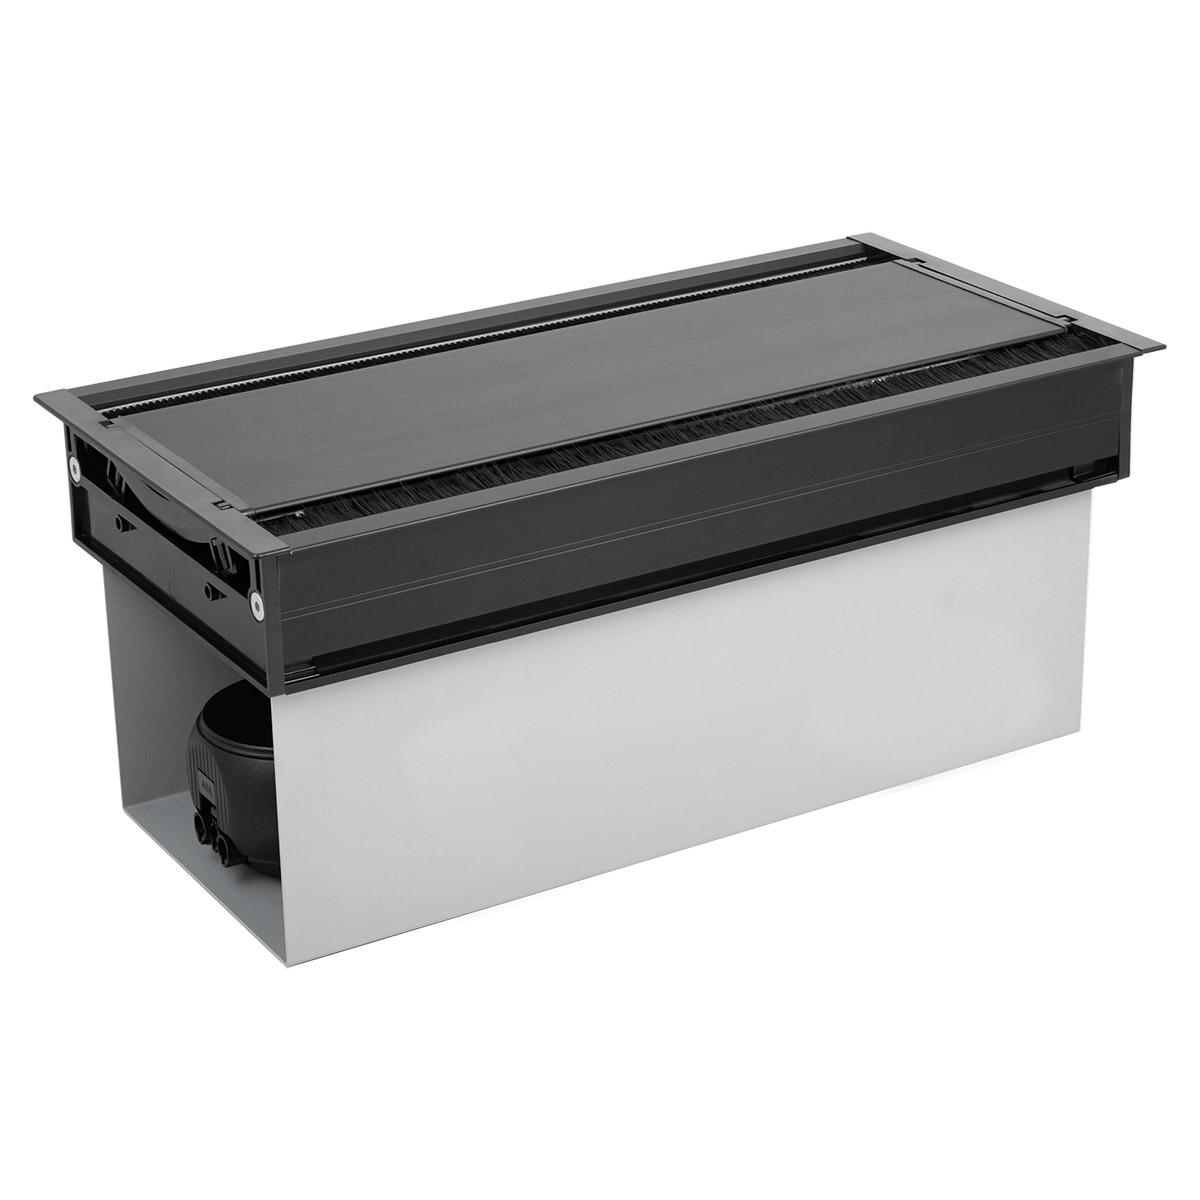 ABL 2U200MIN - Короб для установки розеточных станций серии Link под стол с лючком длиной 247 мм, черный